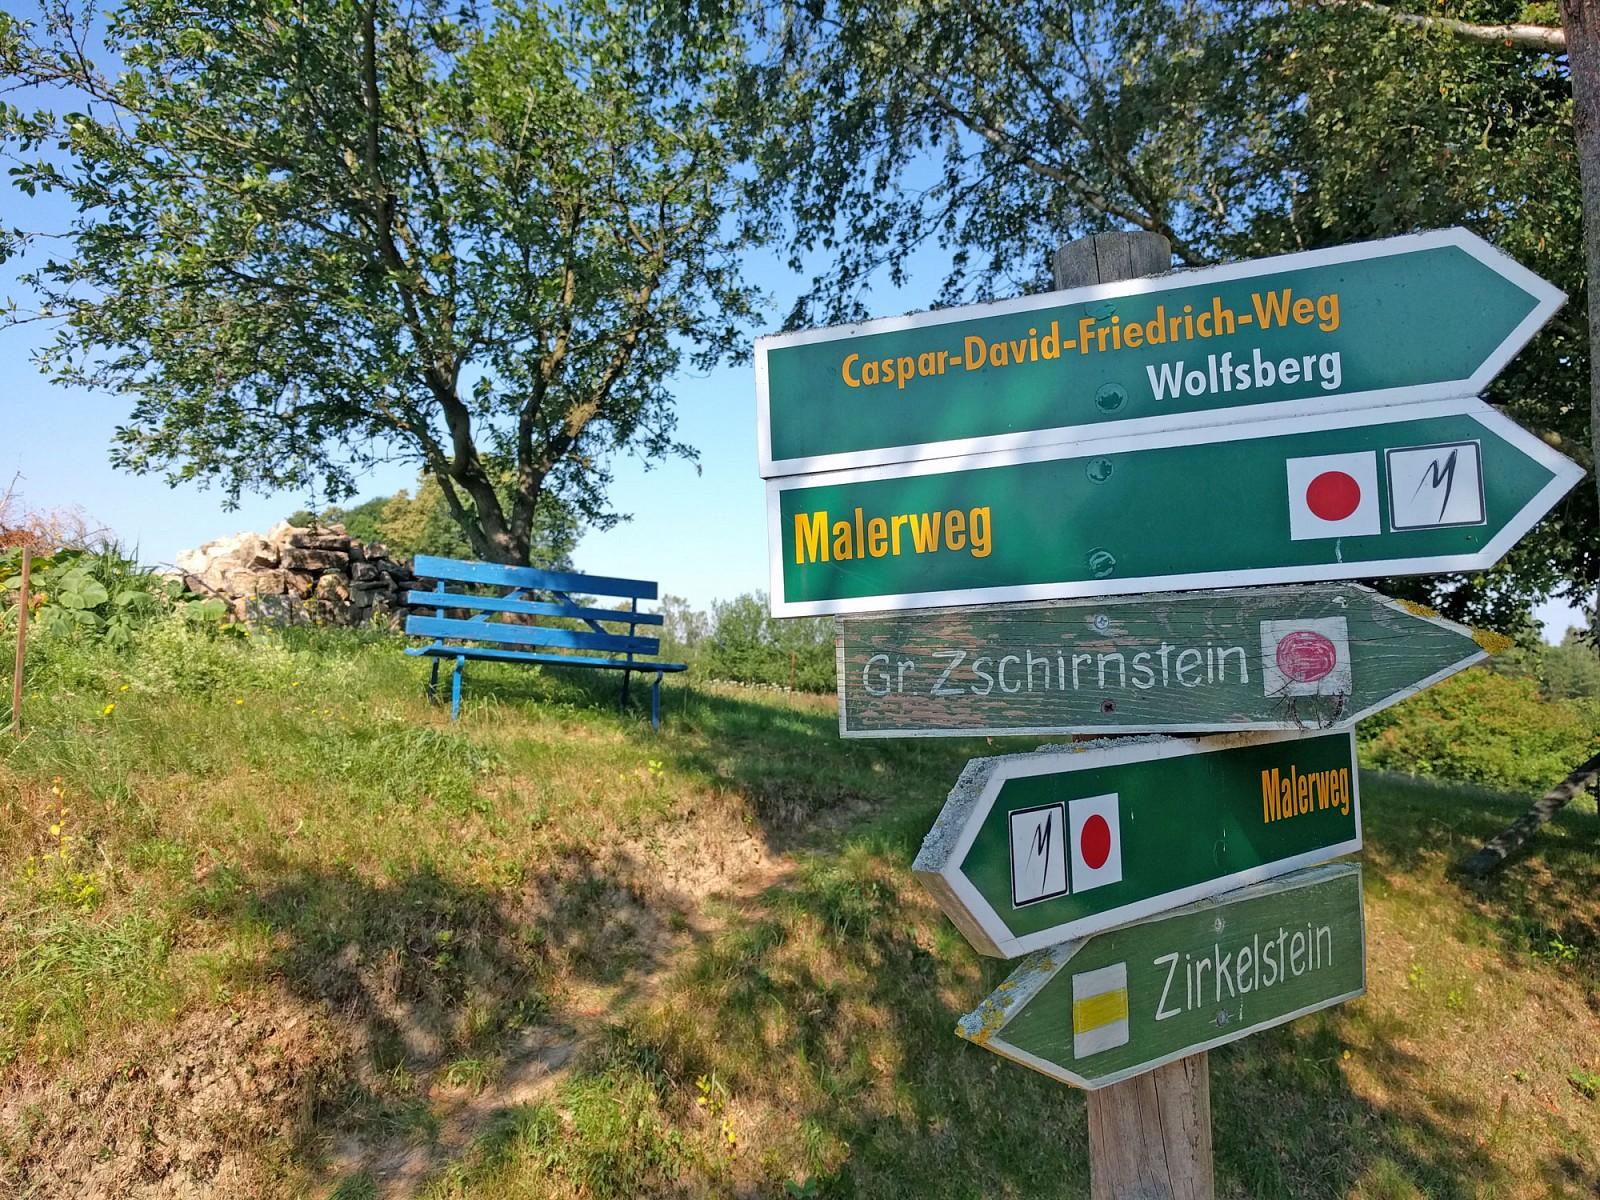 p8-Etappen-von-Liebethal-bis-Pirna-erwarten-uns-in-der-Saumlchsischen-Schweiz-Gefuumlhlt-wird-auf-dem-Weg-kein-Tal-und-kein-Berg-ausgelassen-Doch-die-Anstrengungen-lohnen-sich-jedes-Malppspan-stylefont-size11pxAlle-Fotos-copy-Ricarda-Groszligespanp